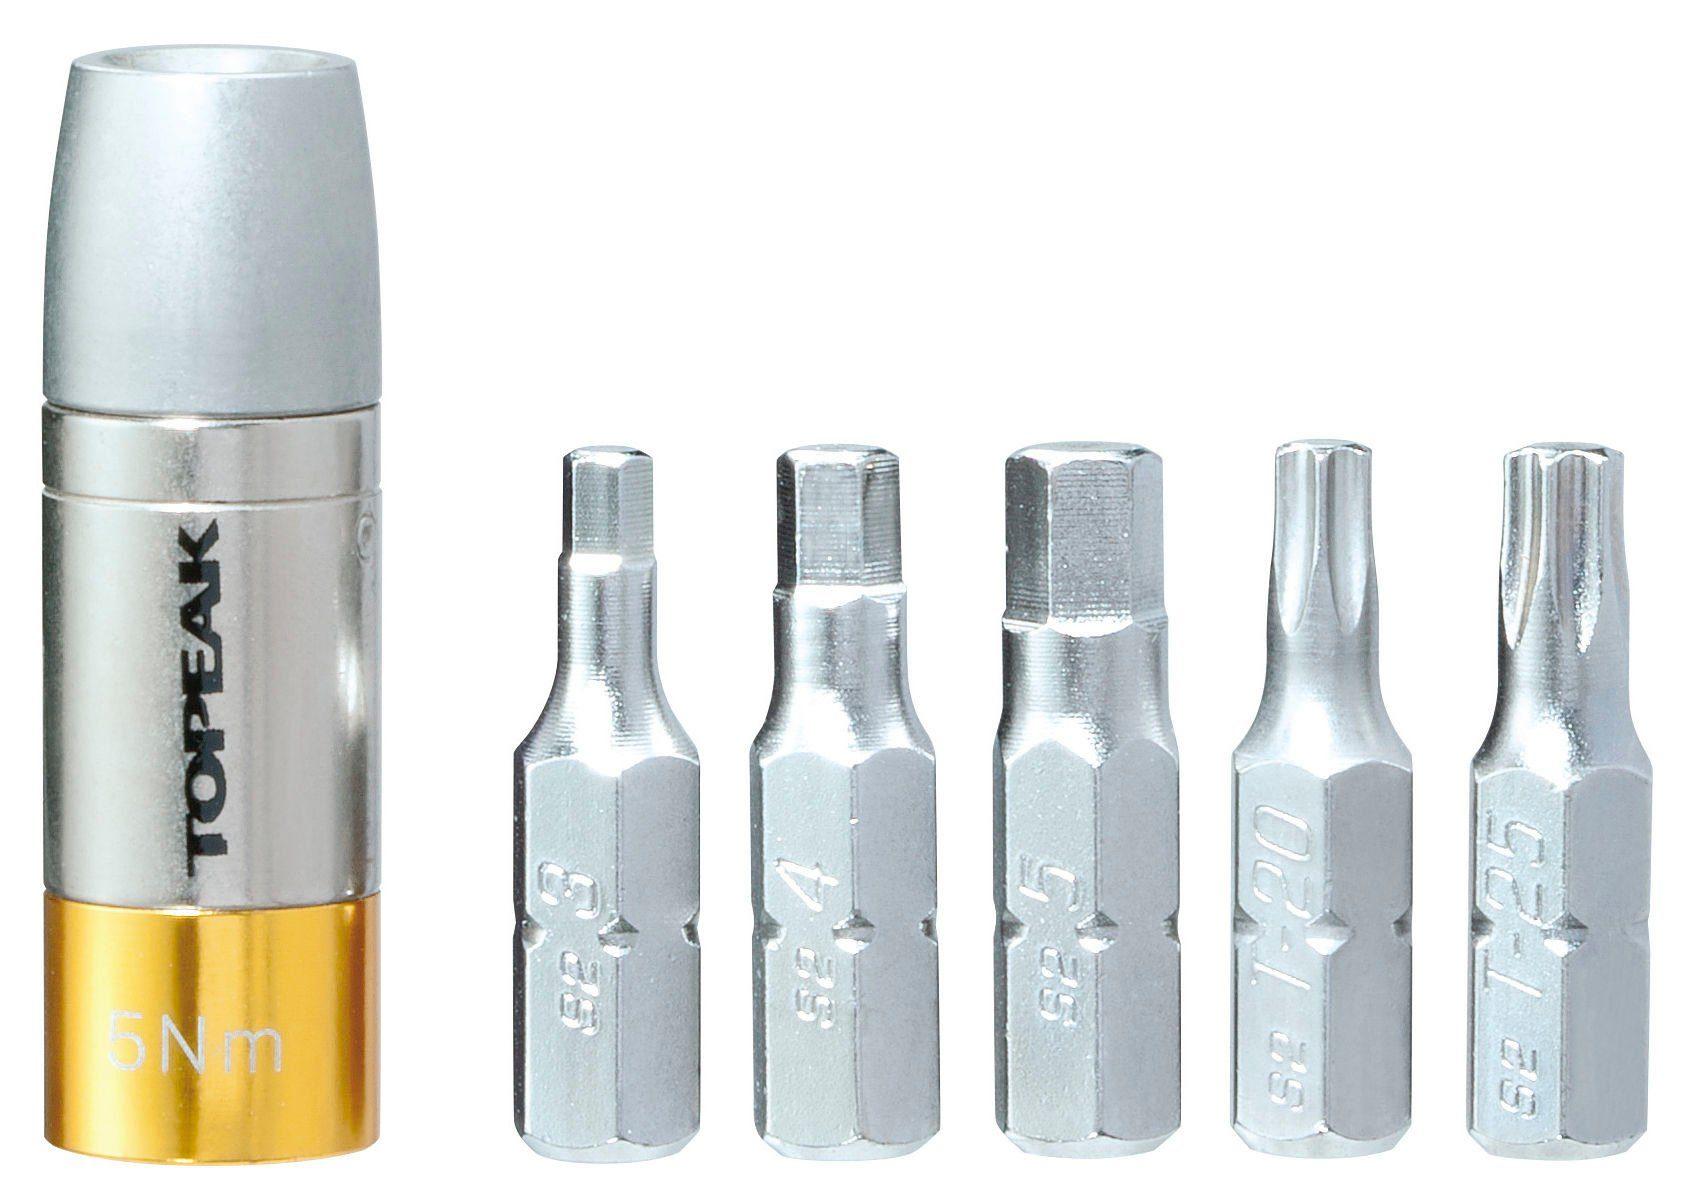 Topeak Werkzeug & Montage »Topeak Nano TorqBox 5 Drehmomenthülse«